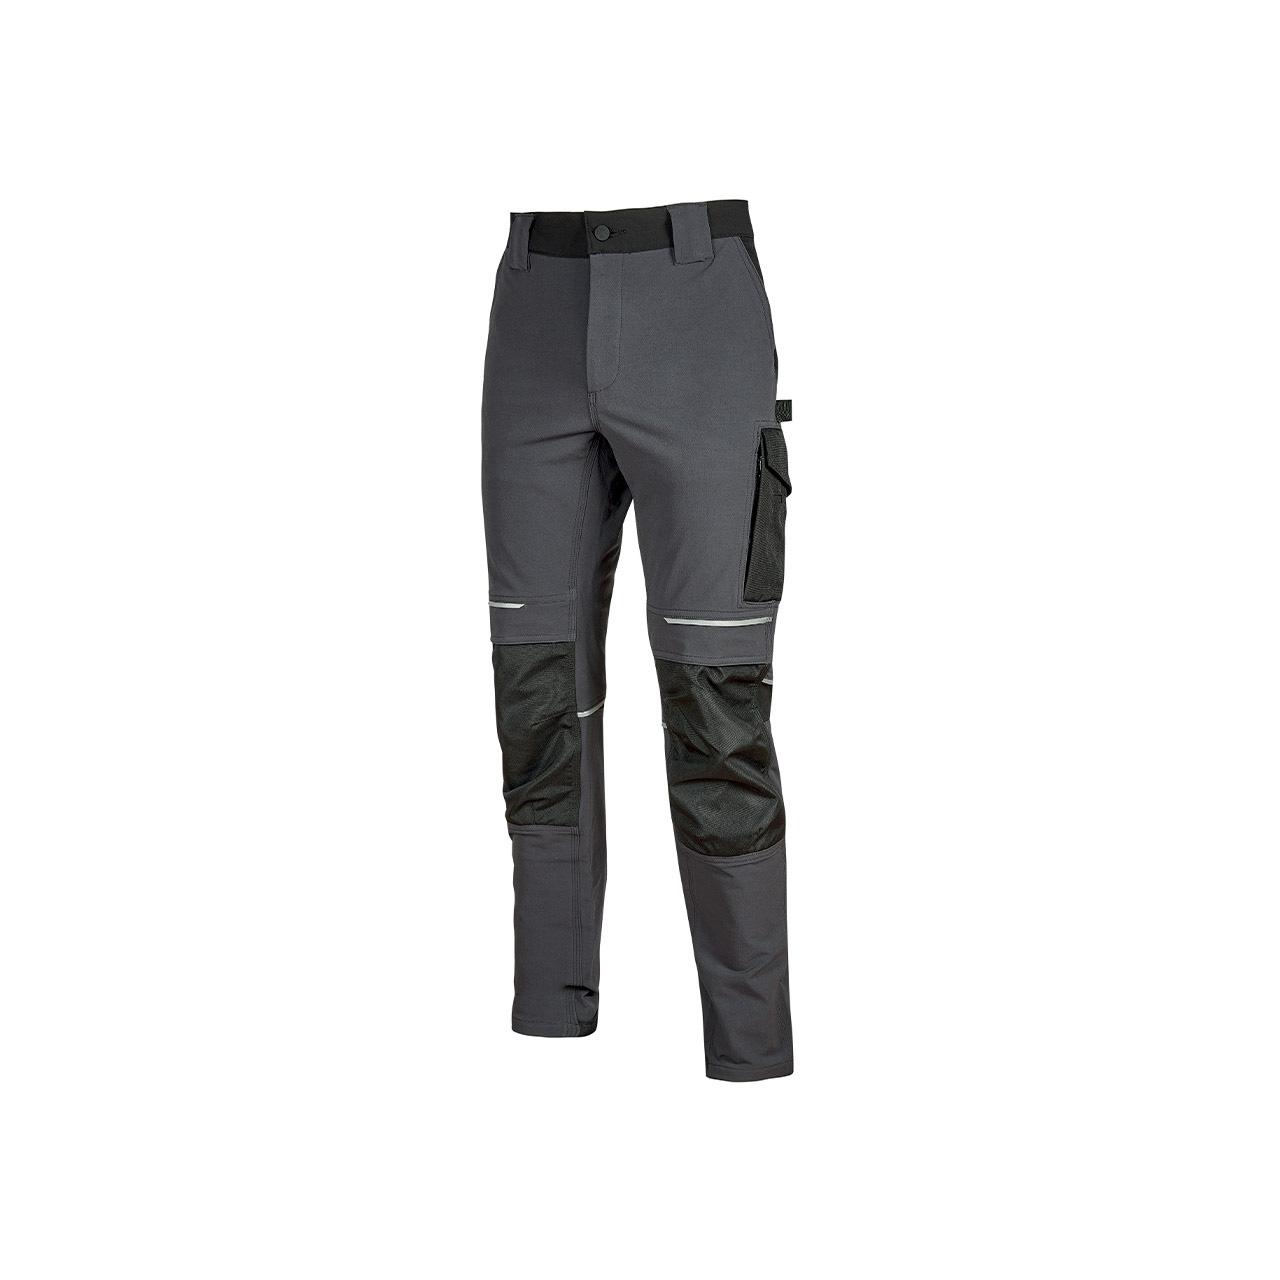 pantalone da lavoro upower modello atom colore asphalt grey